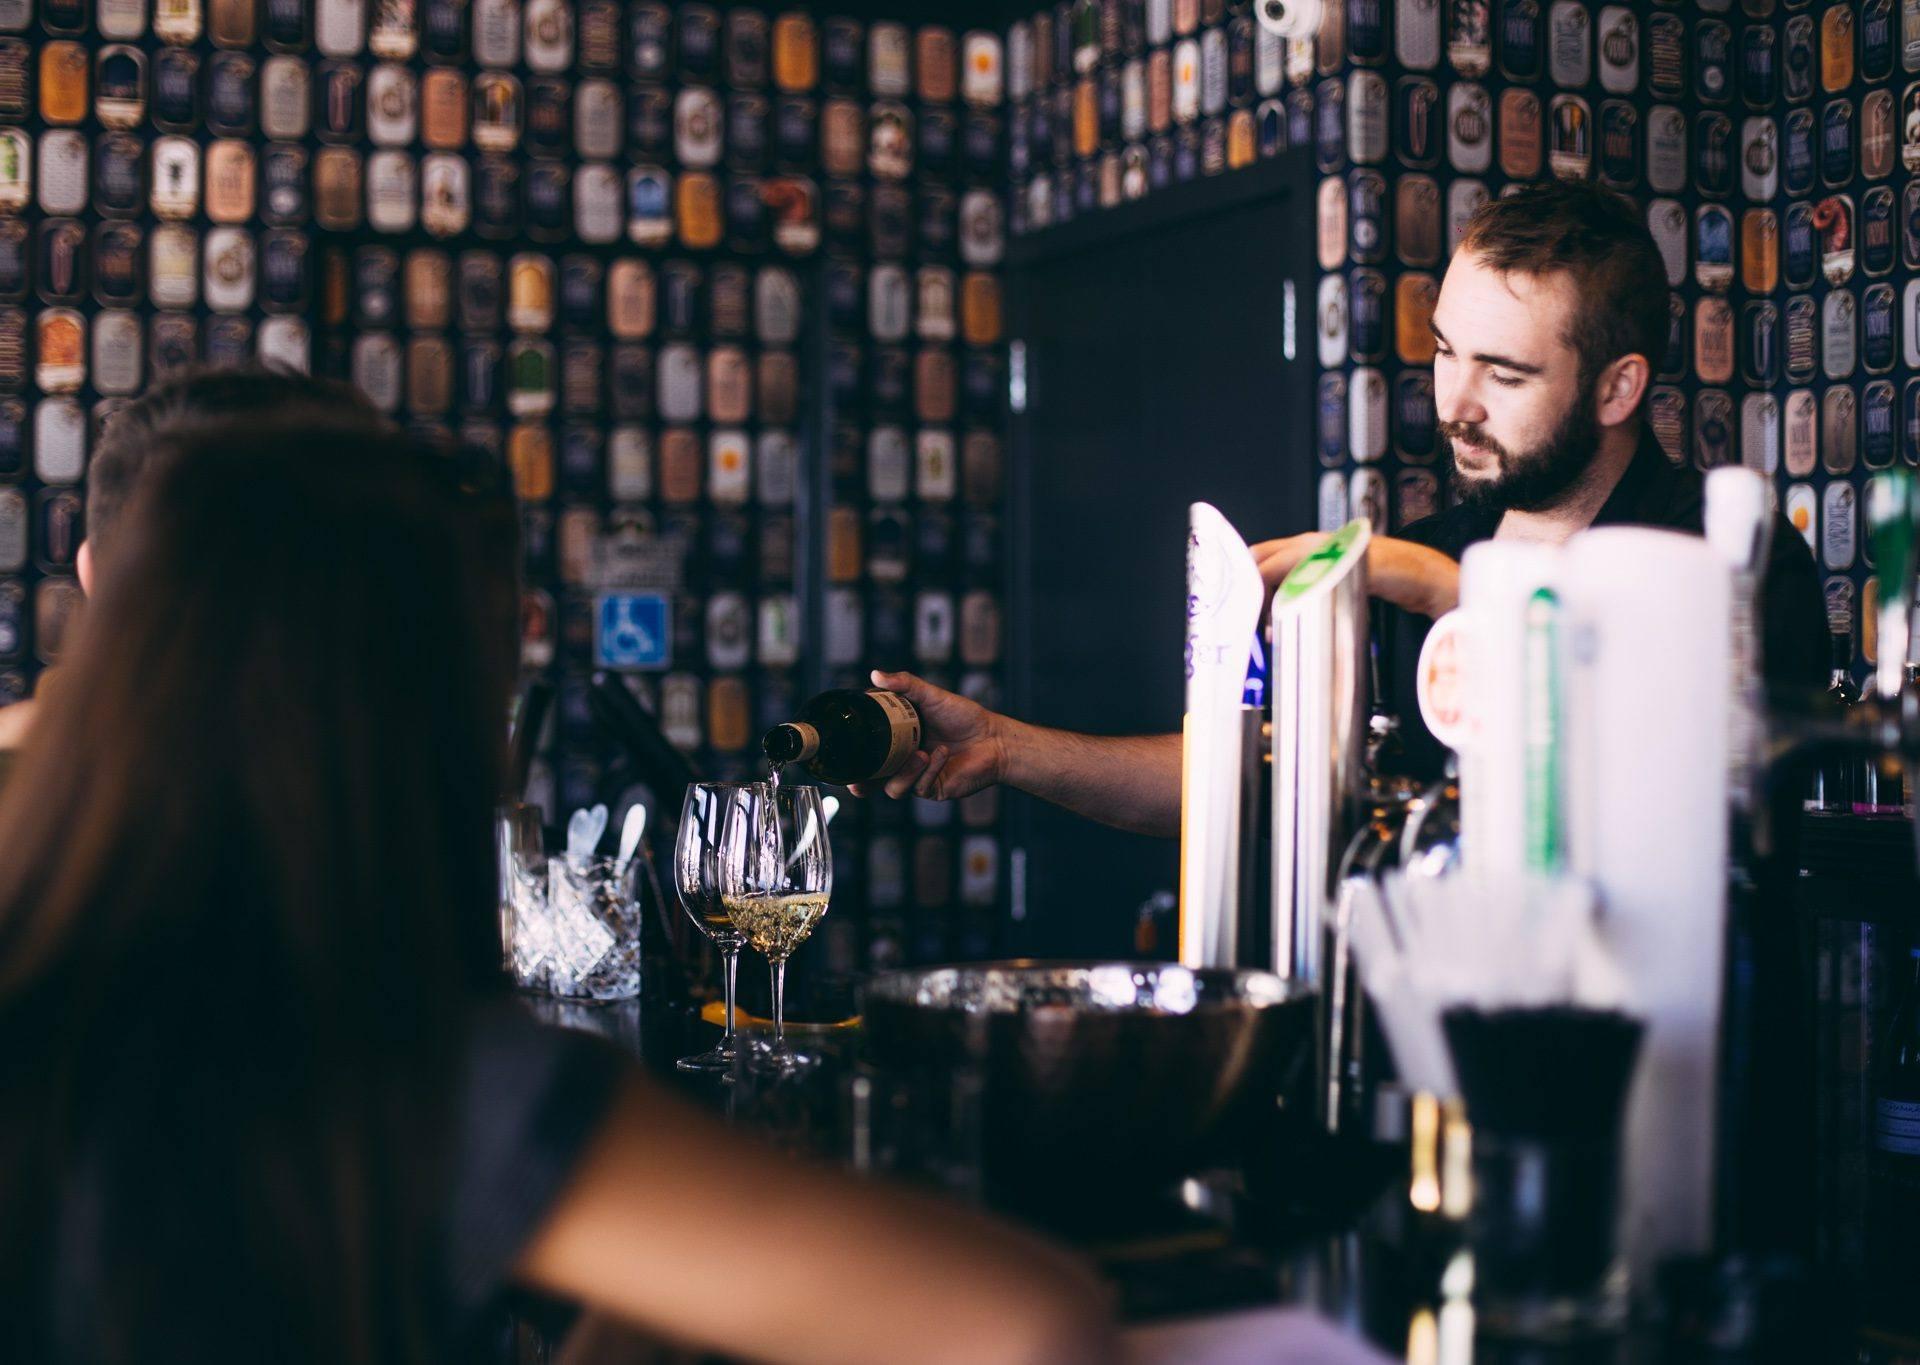 BeverageSmart Professional Bartenders